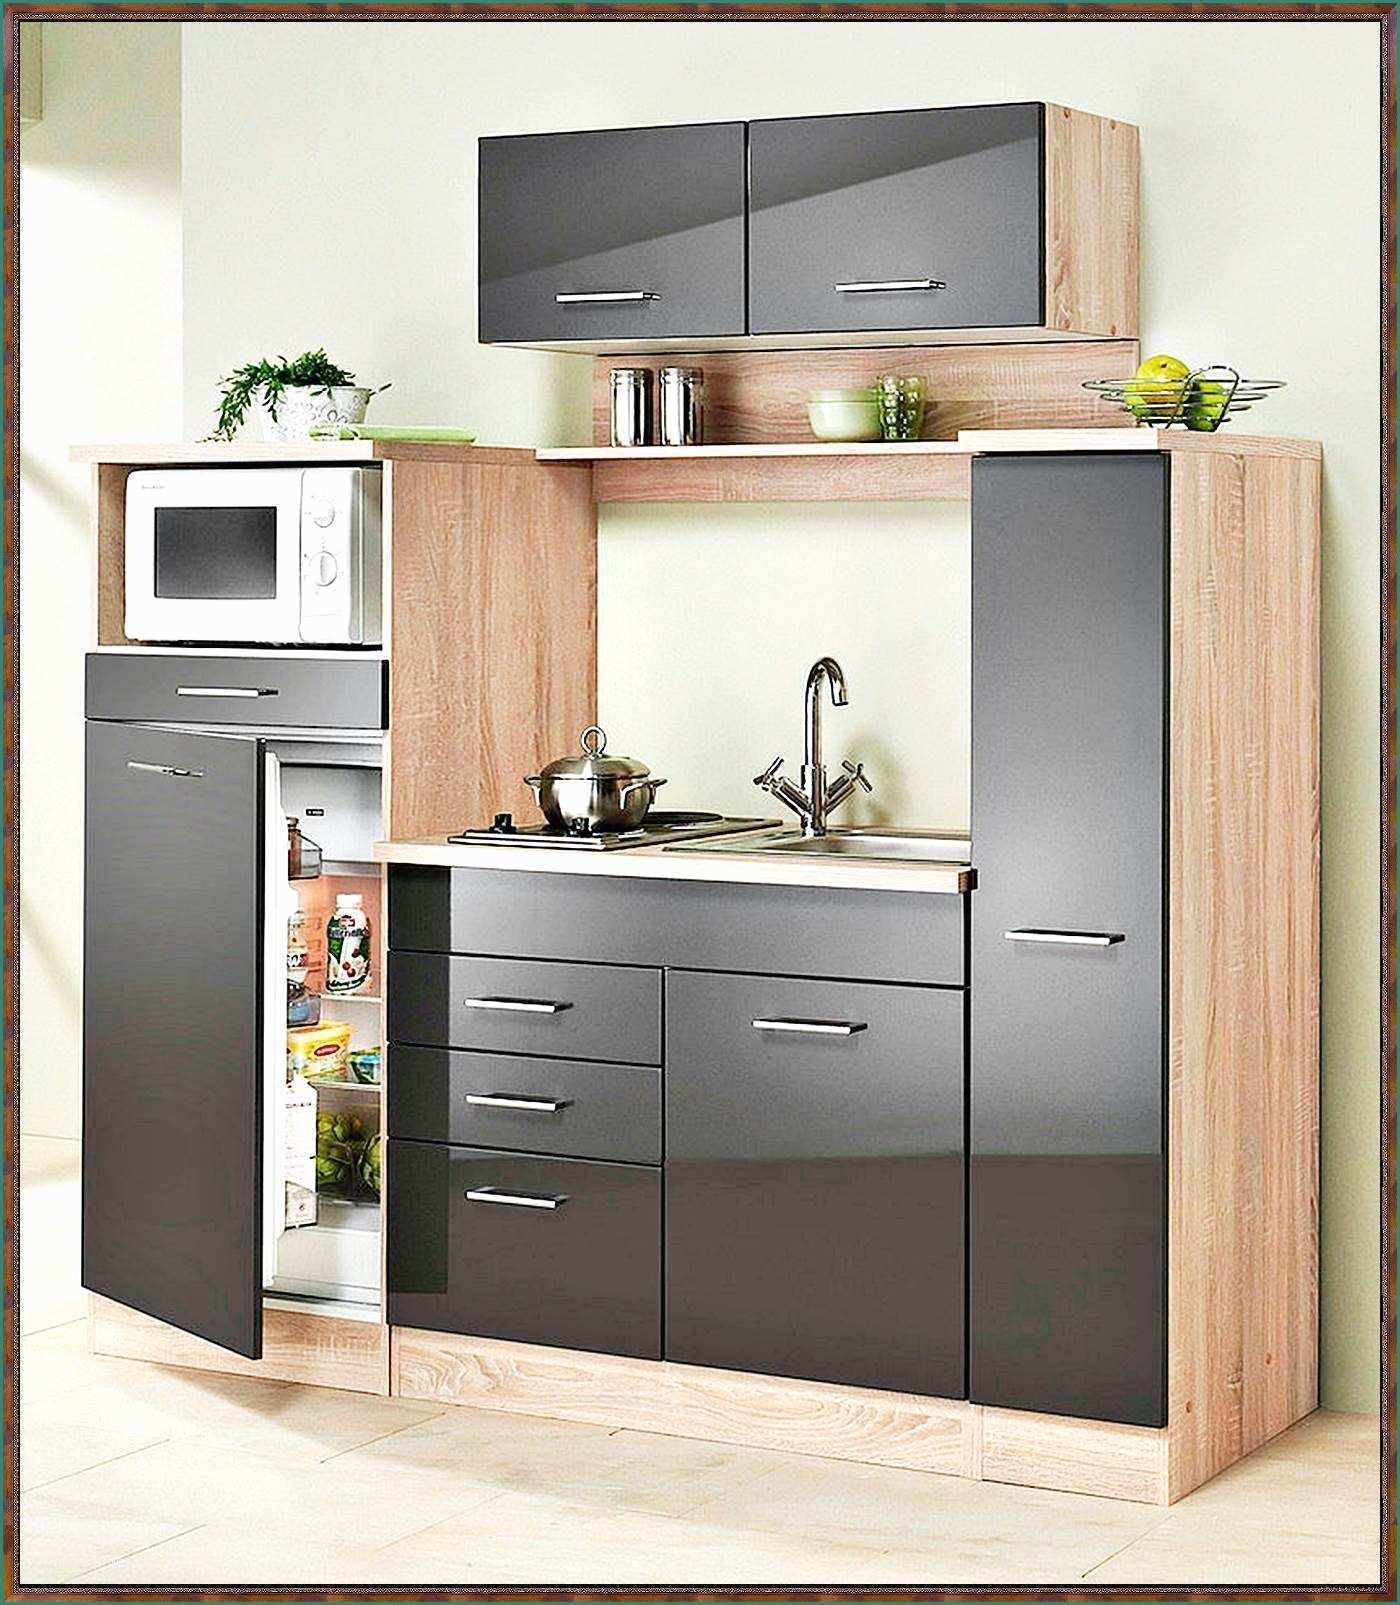 Full Size of Ikea Miniküchen Luxus Singlekche Und Minikche Küche Kaufen Miniküche Betten 160x200 Kosten Modulküche Bei Sofa Mit Schlaffunktion Wohnzimmer Ikea Miniküchen